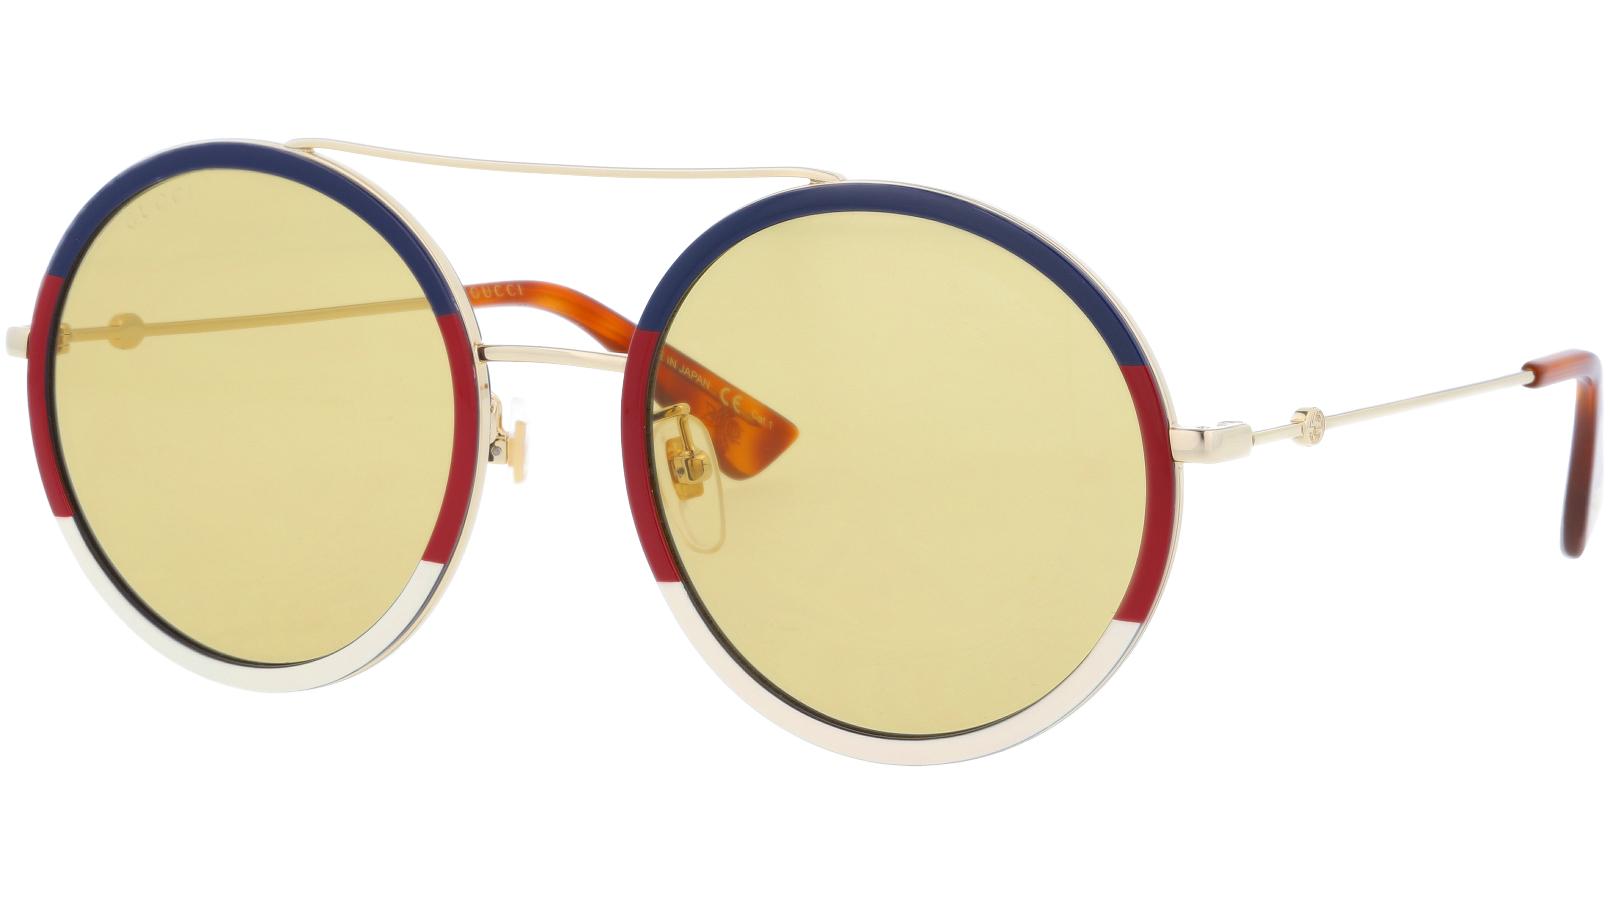 GUCCI GG0061S 015 56 GOLD Sunglasses